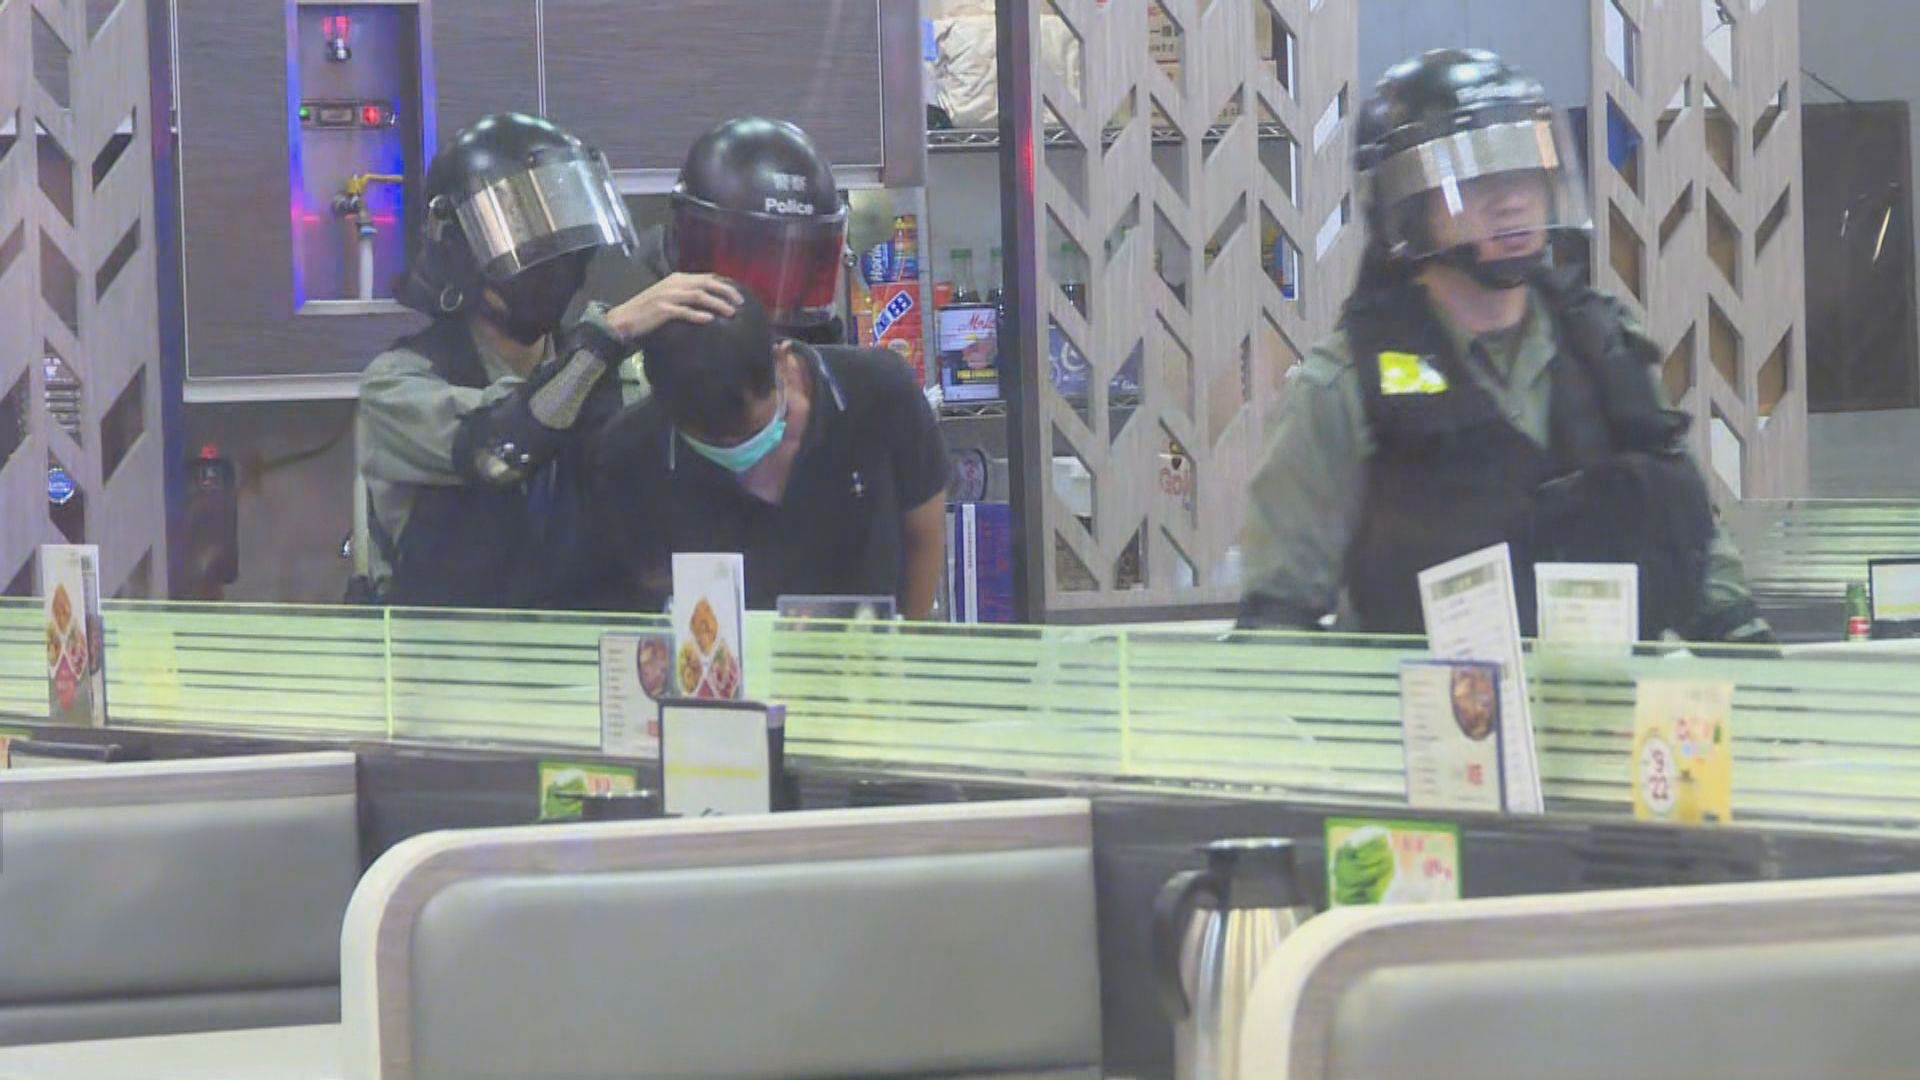 青山道餐廳有人闖入及持刀 一男子被制服拘捕